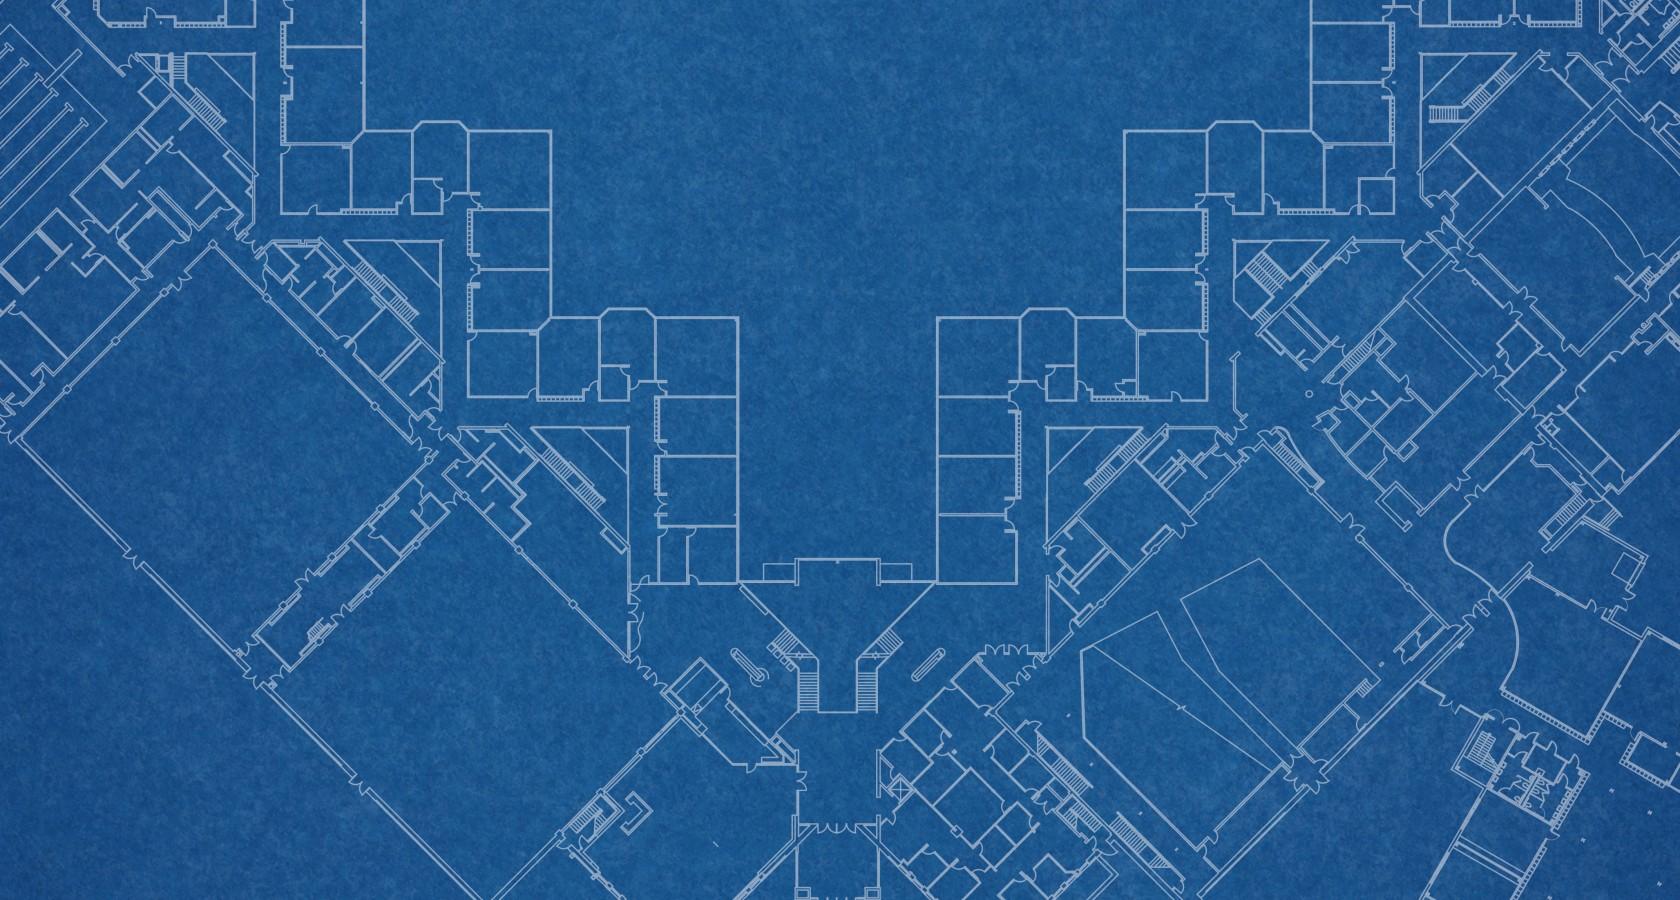 Salvador acosta salvador12 domestika for Where to get blueprints printed